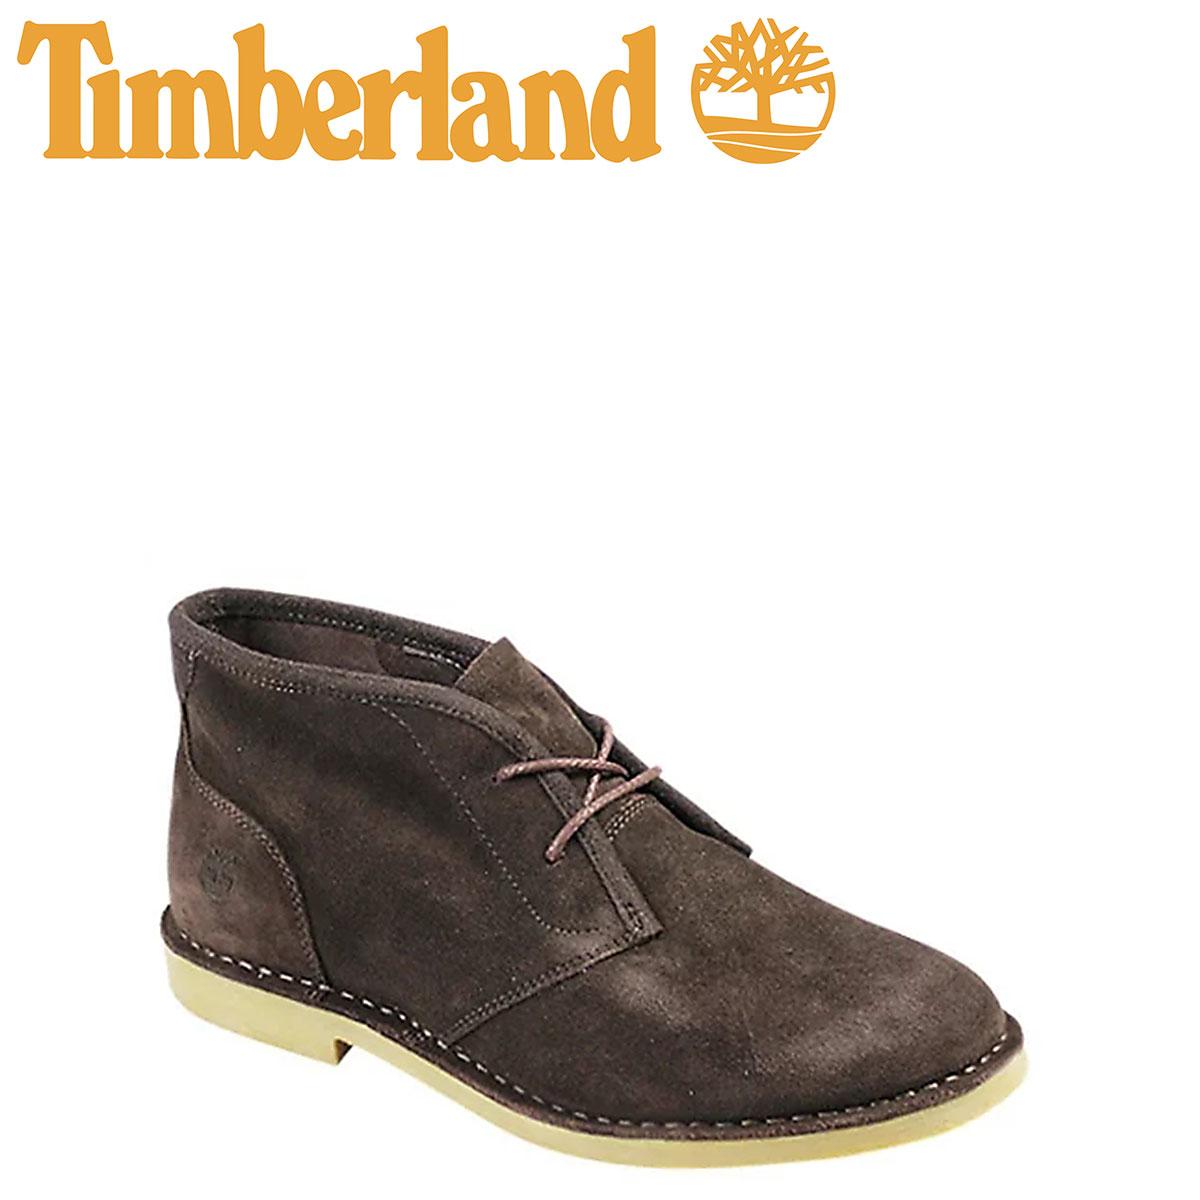 ティンバーランド チャッカ メンズ Timberland ブーツ BRASSTOWN CHUKKA BOOT 5505A Wワイズ 防水